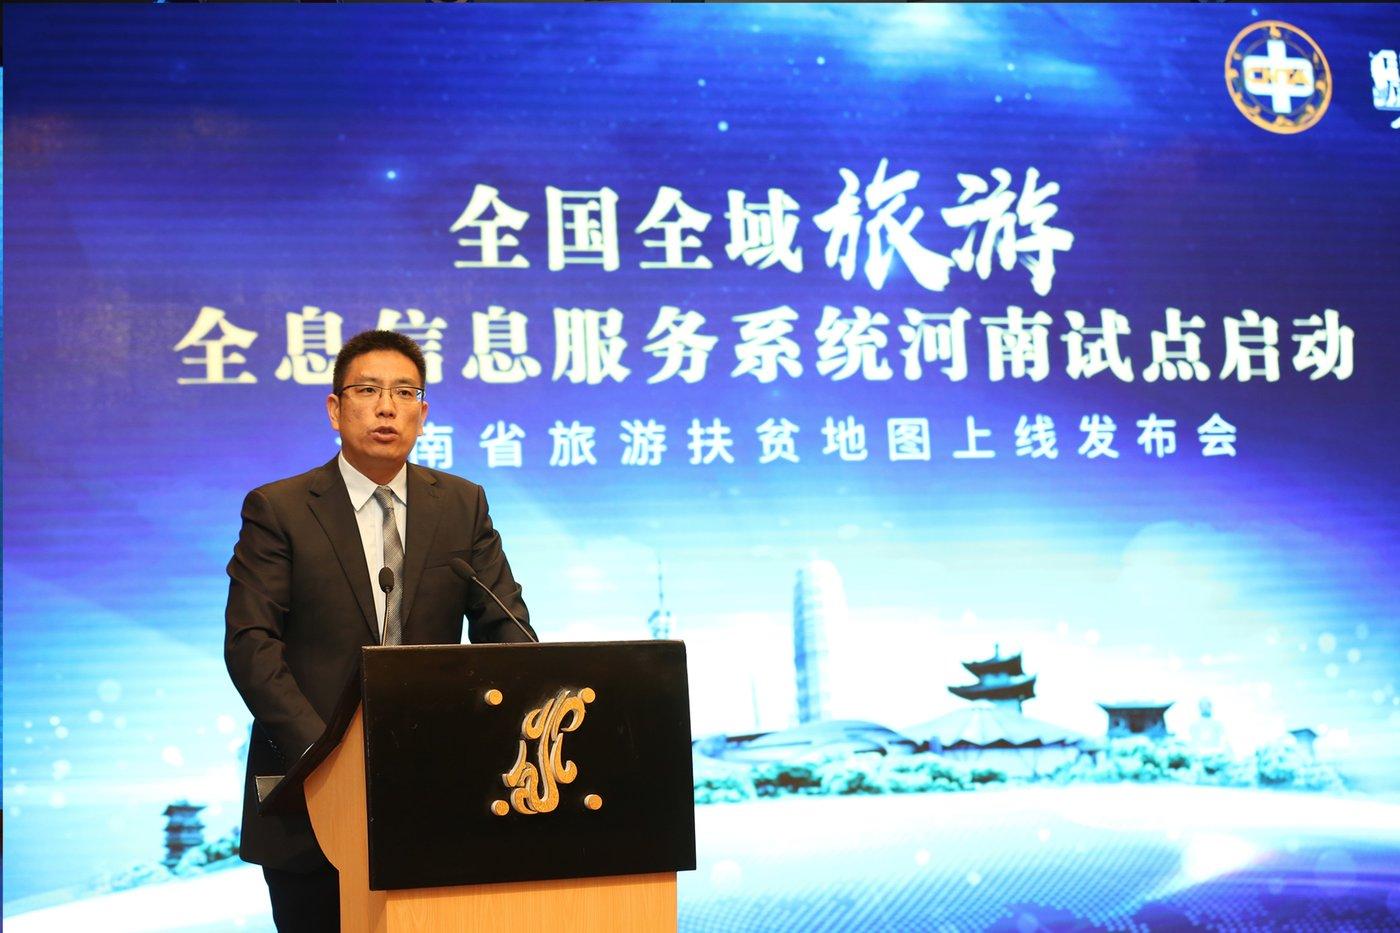 阿里巴巴集团合伙人、高德集团总裁刘振飞